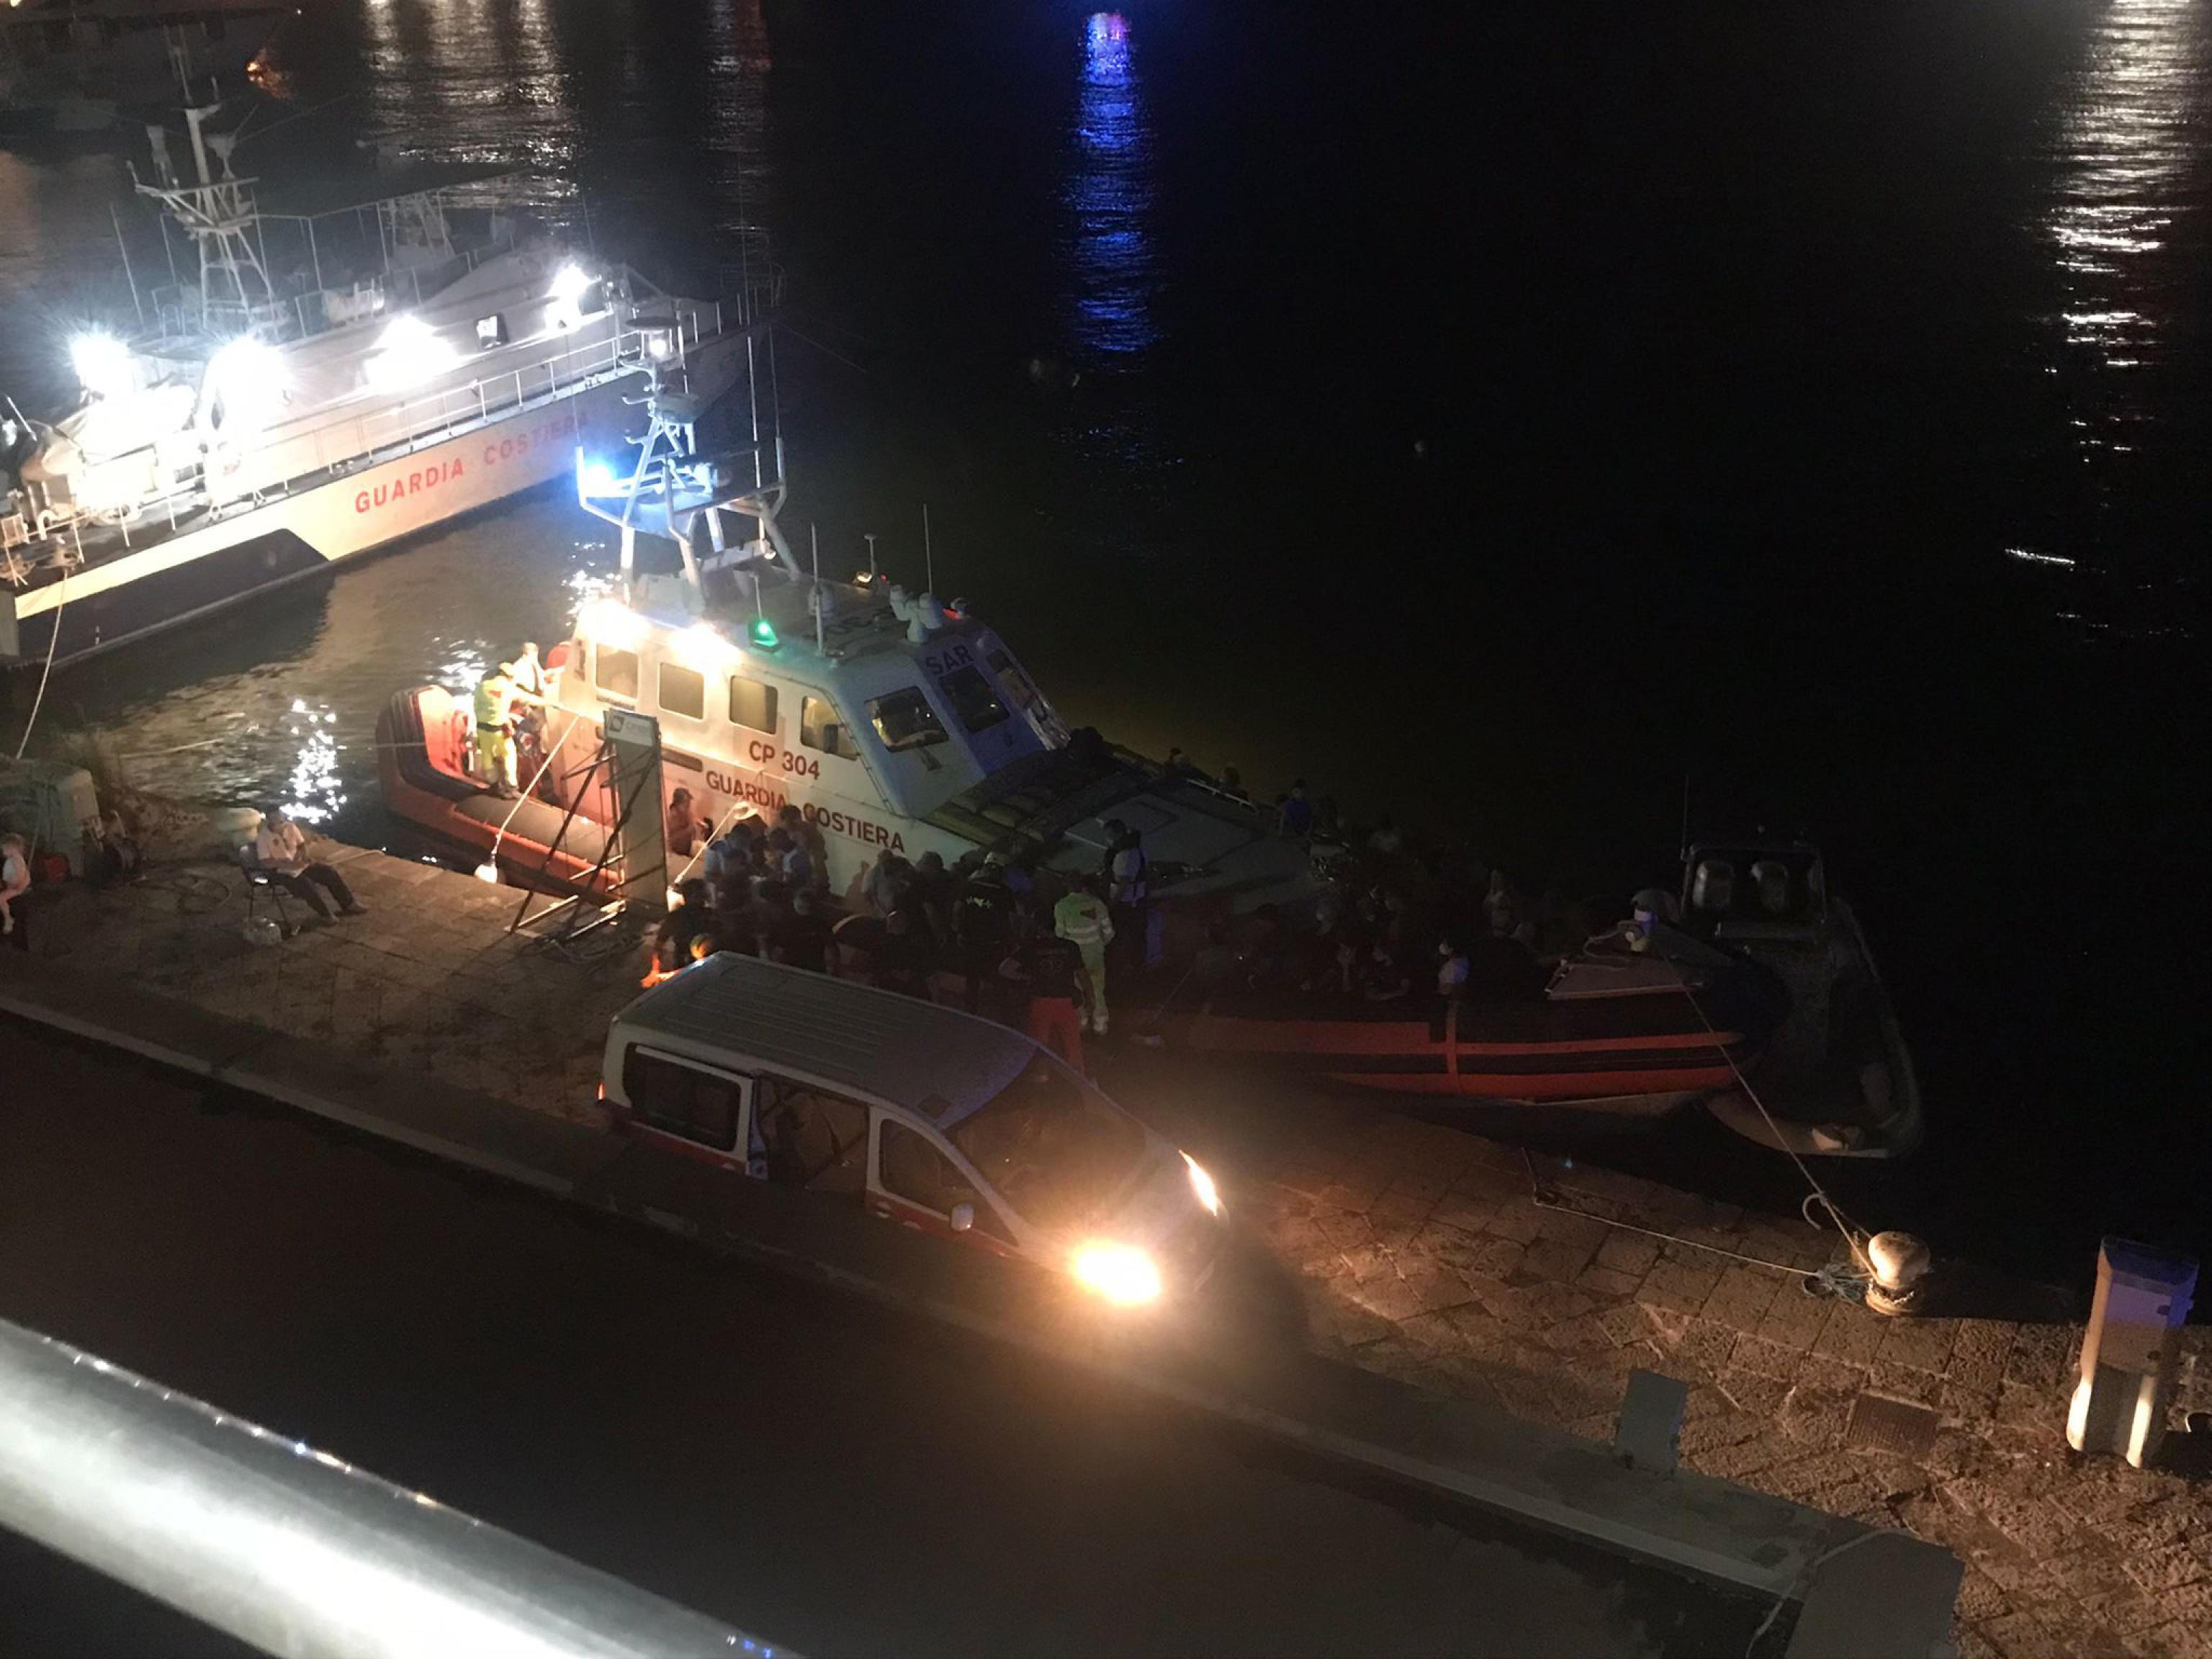 Brucia la Sicilia, inferno vicino Catania: evacuate oltre 150 persone via mare  – Il video